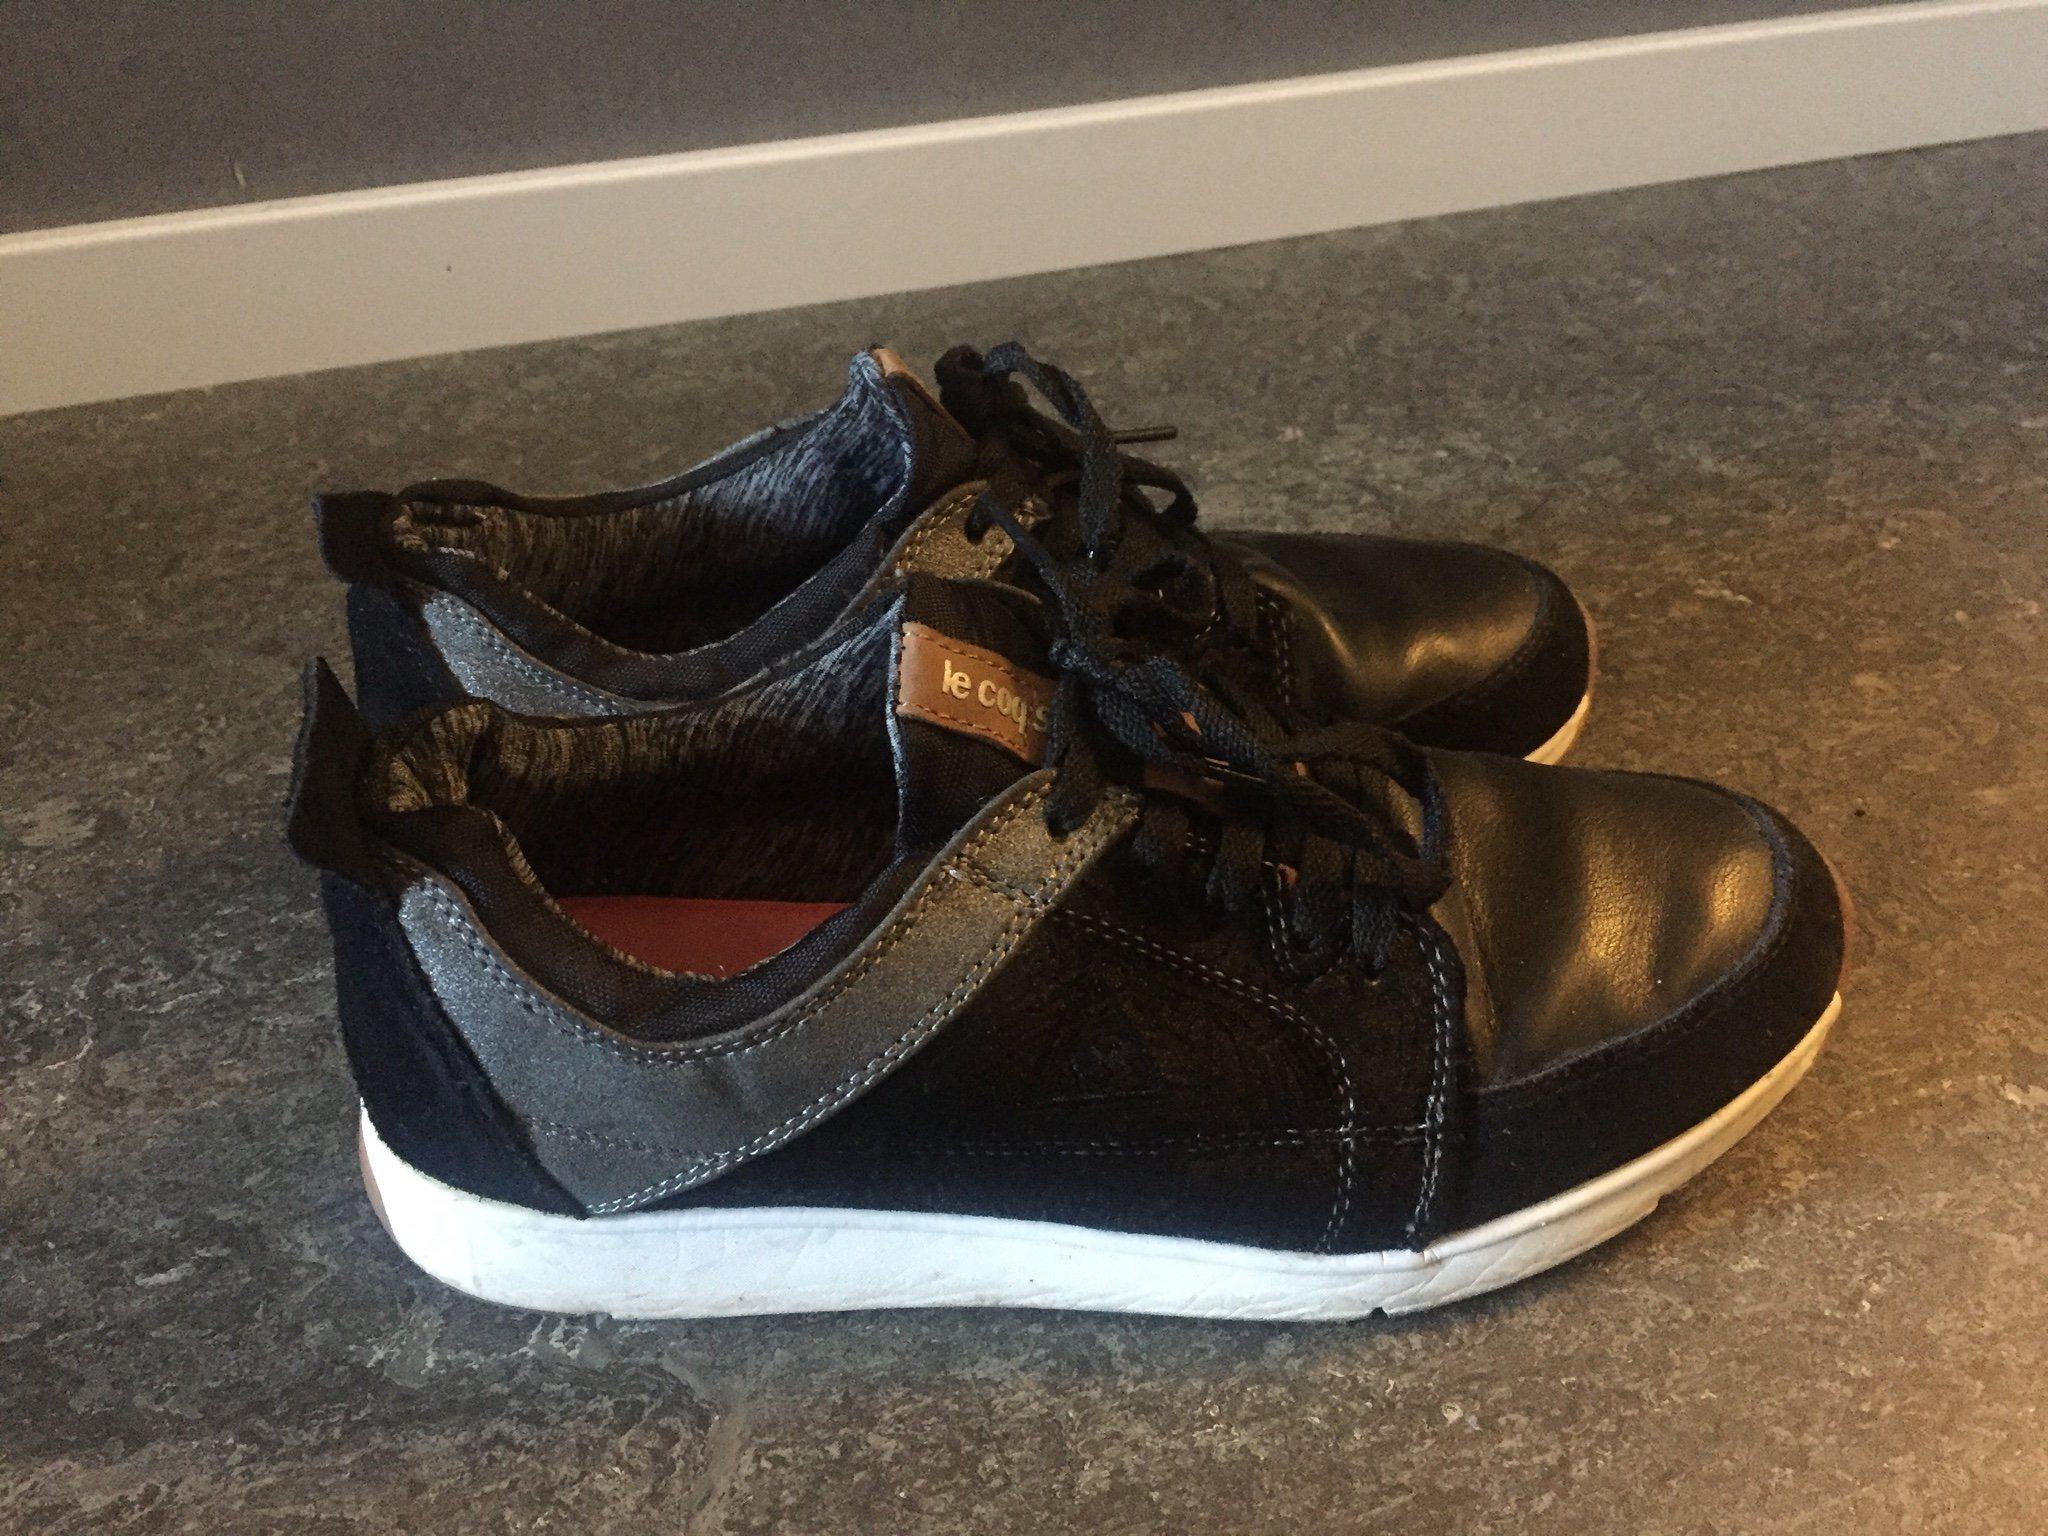 low priced 41ef7 68d31 Le coq sportif skor, storlek 40, sneakers